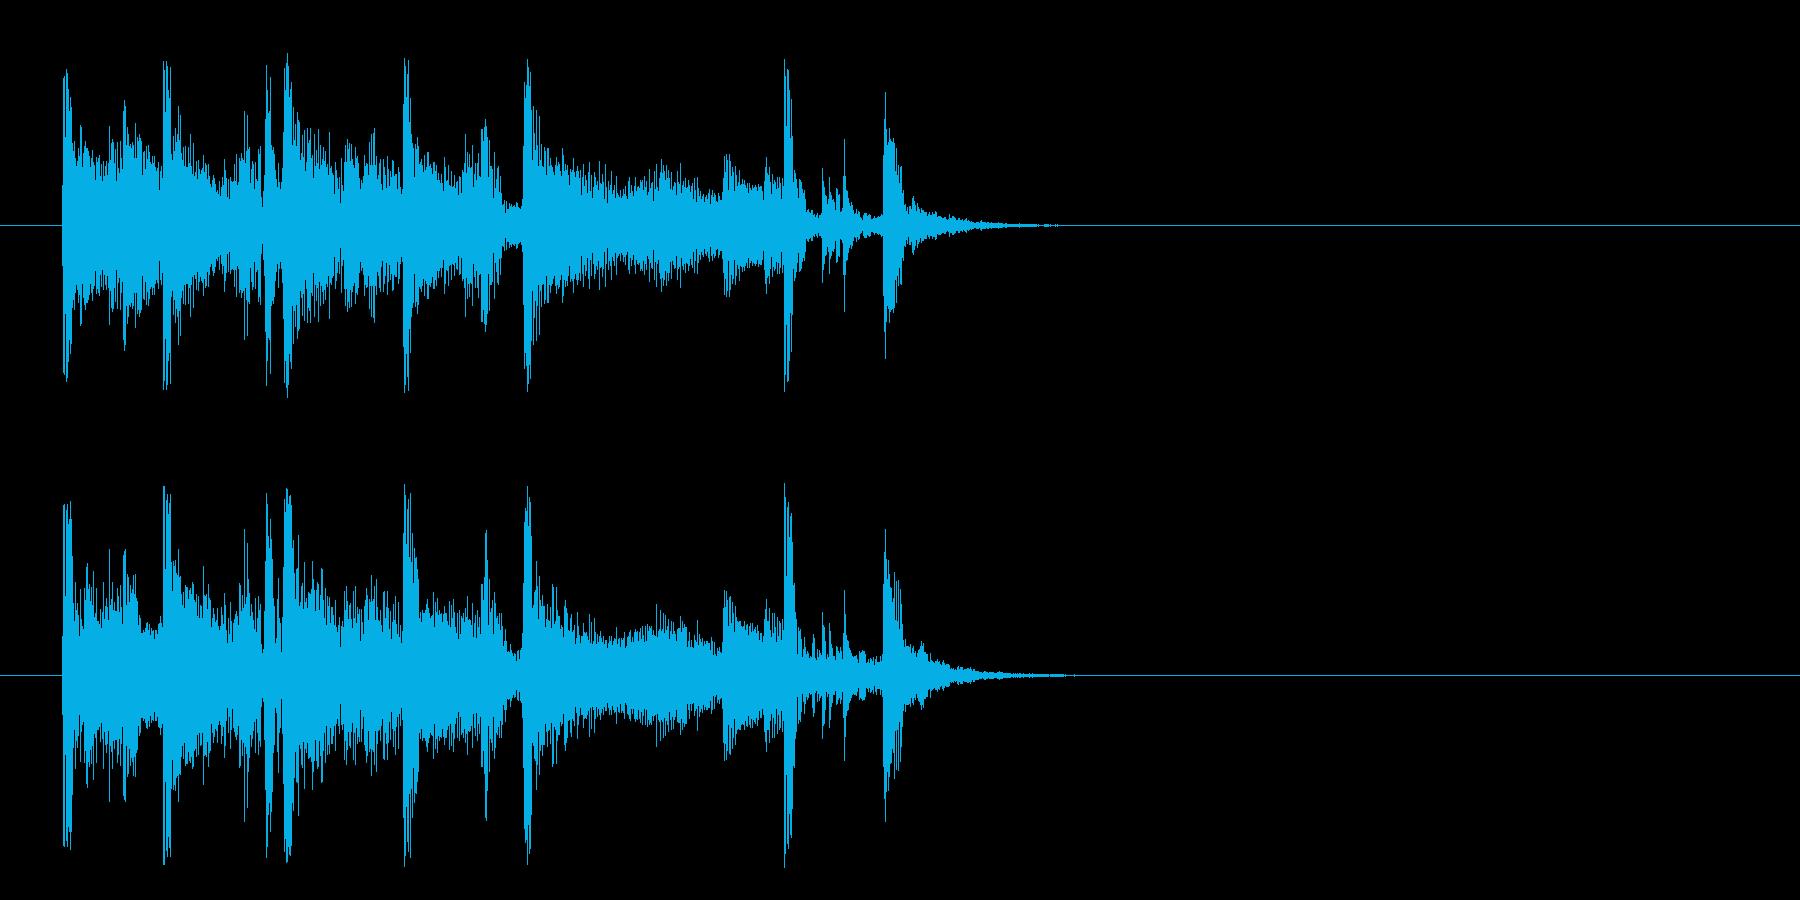 ジングル/のんびりとしたポップ(ジャズ)の再生済みの波形